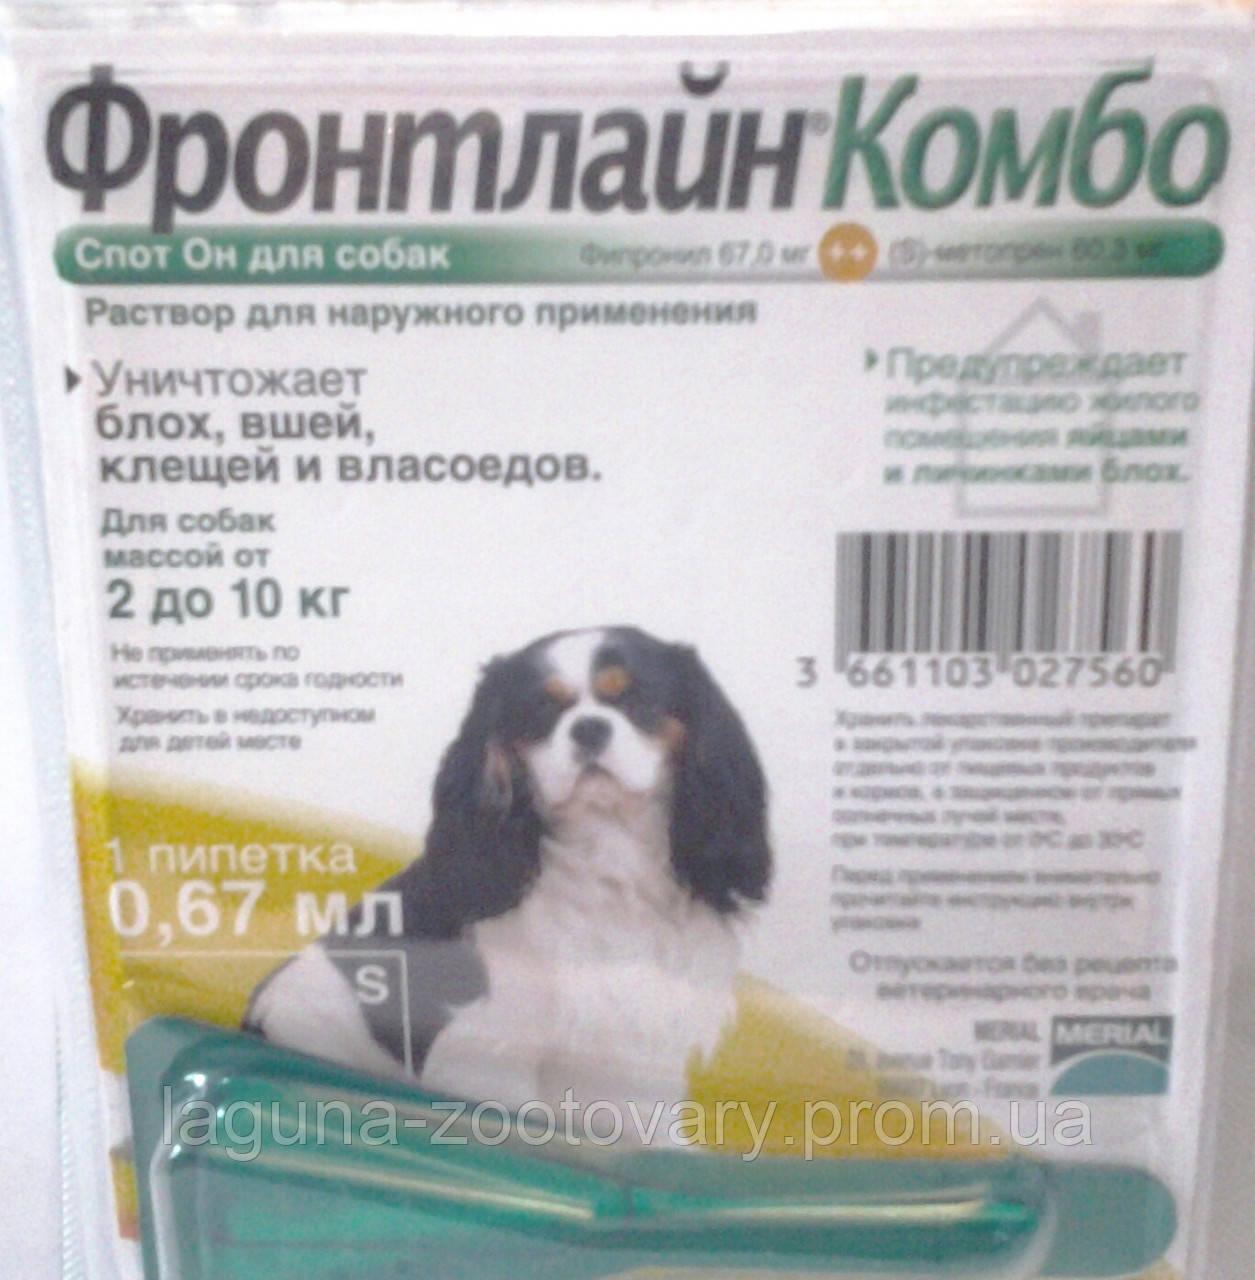 ФРОНТЛАЙН КОМБО Спот он  для собак S  (вес от 2 до 10кг) от блох и клещей, вшей, власоедов